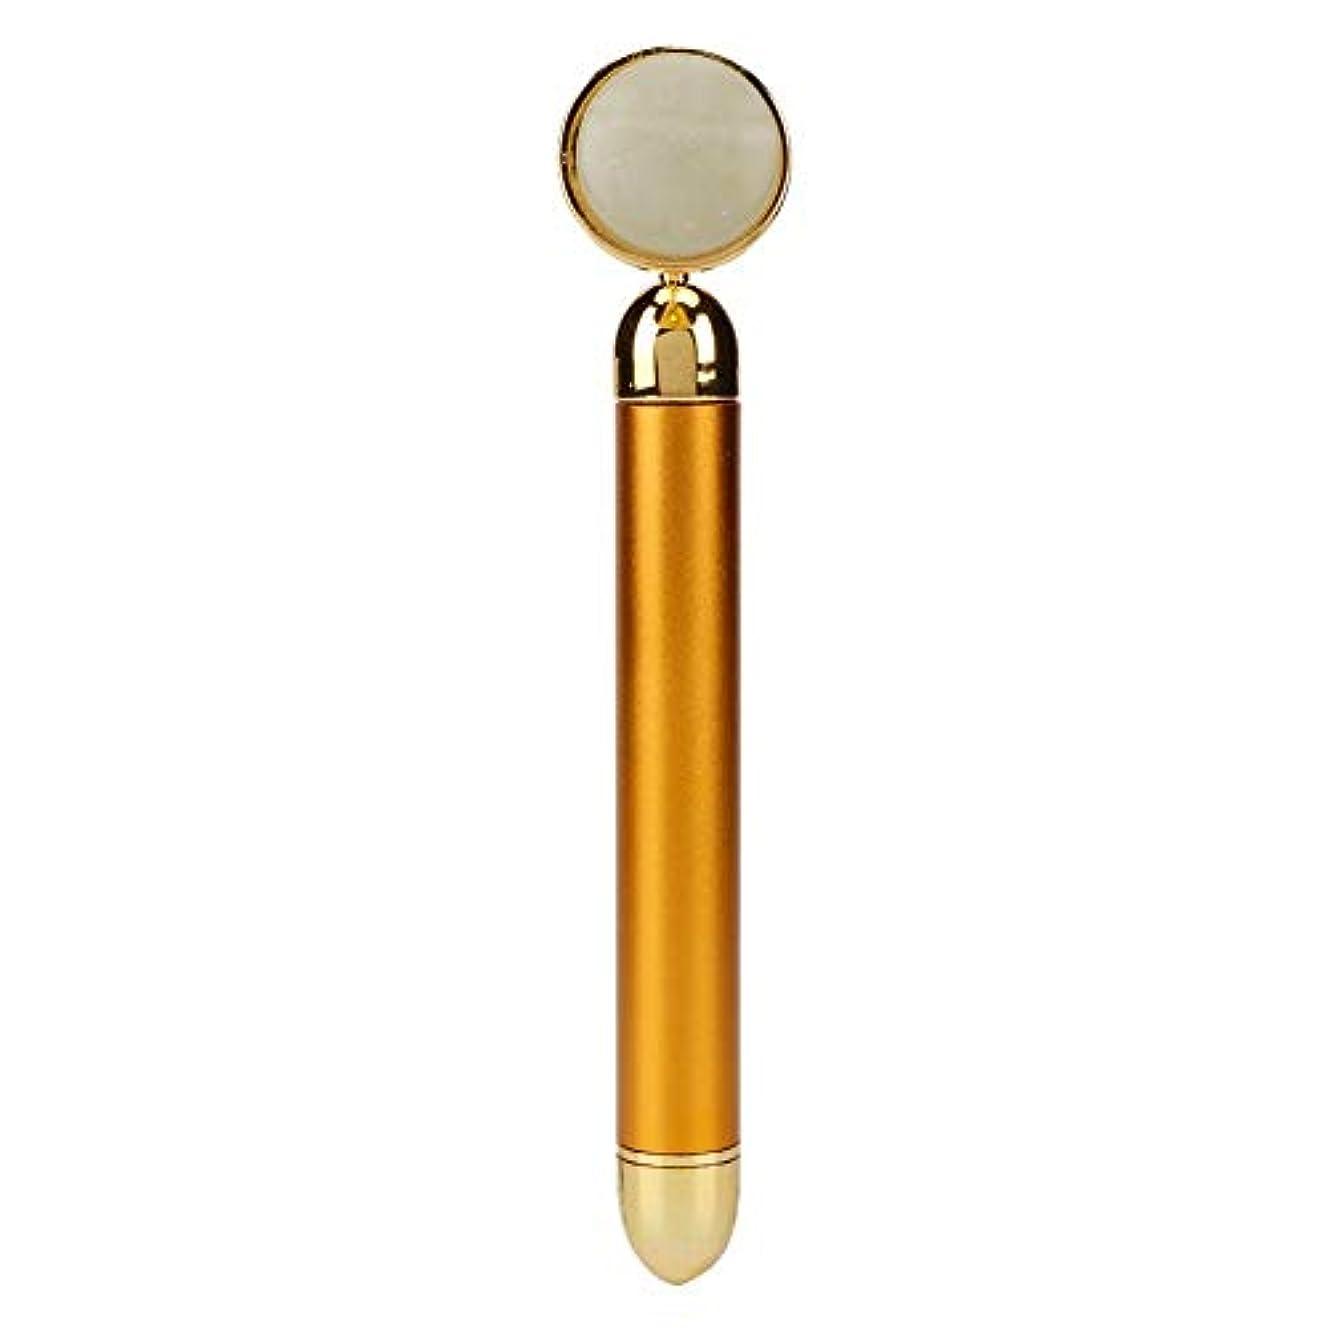 美容マッサージスティック24Kゴールドグリーンジェイドマッサージャー3Dローラーフェイスリフティングアームマイクロノーズヘッドスキンタイトニングツール用電気マイクロ振動ビューティーバーインスツルメント